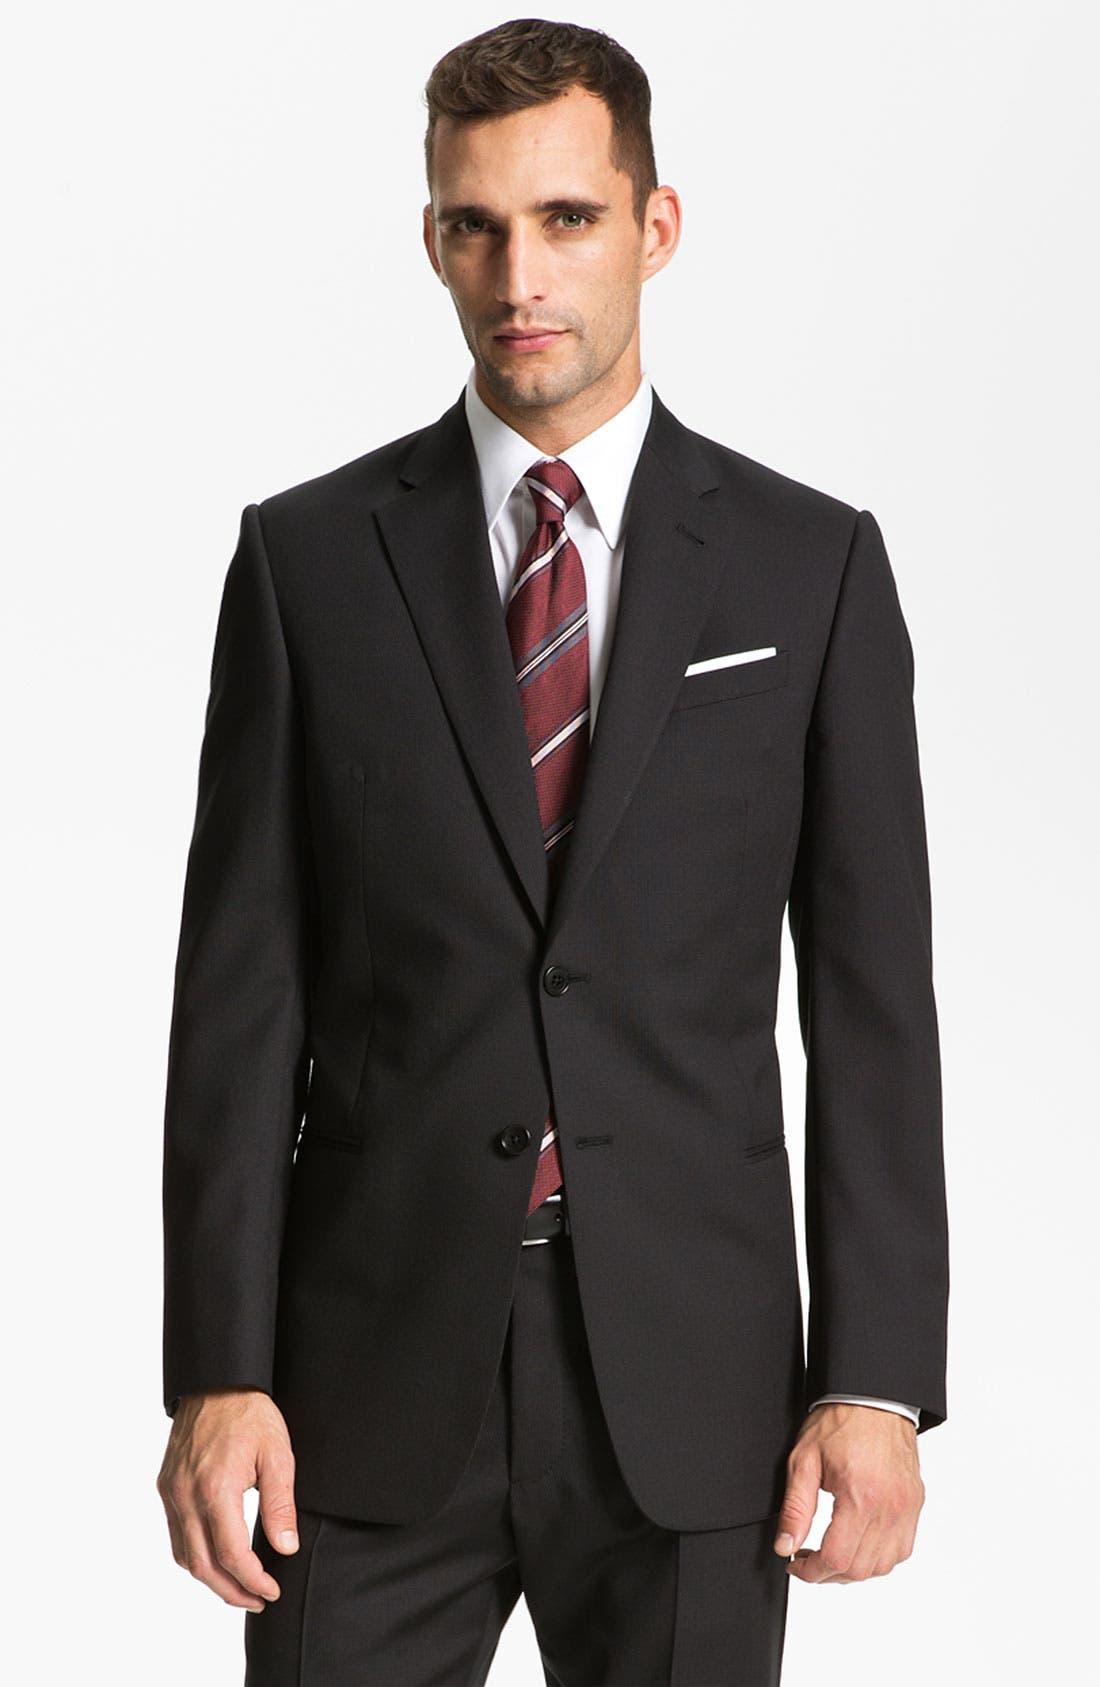 Main Image - Armani Collezioni 'Giorgio' Trim Fit Suit